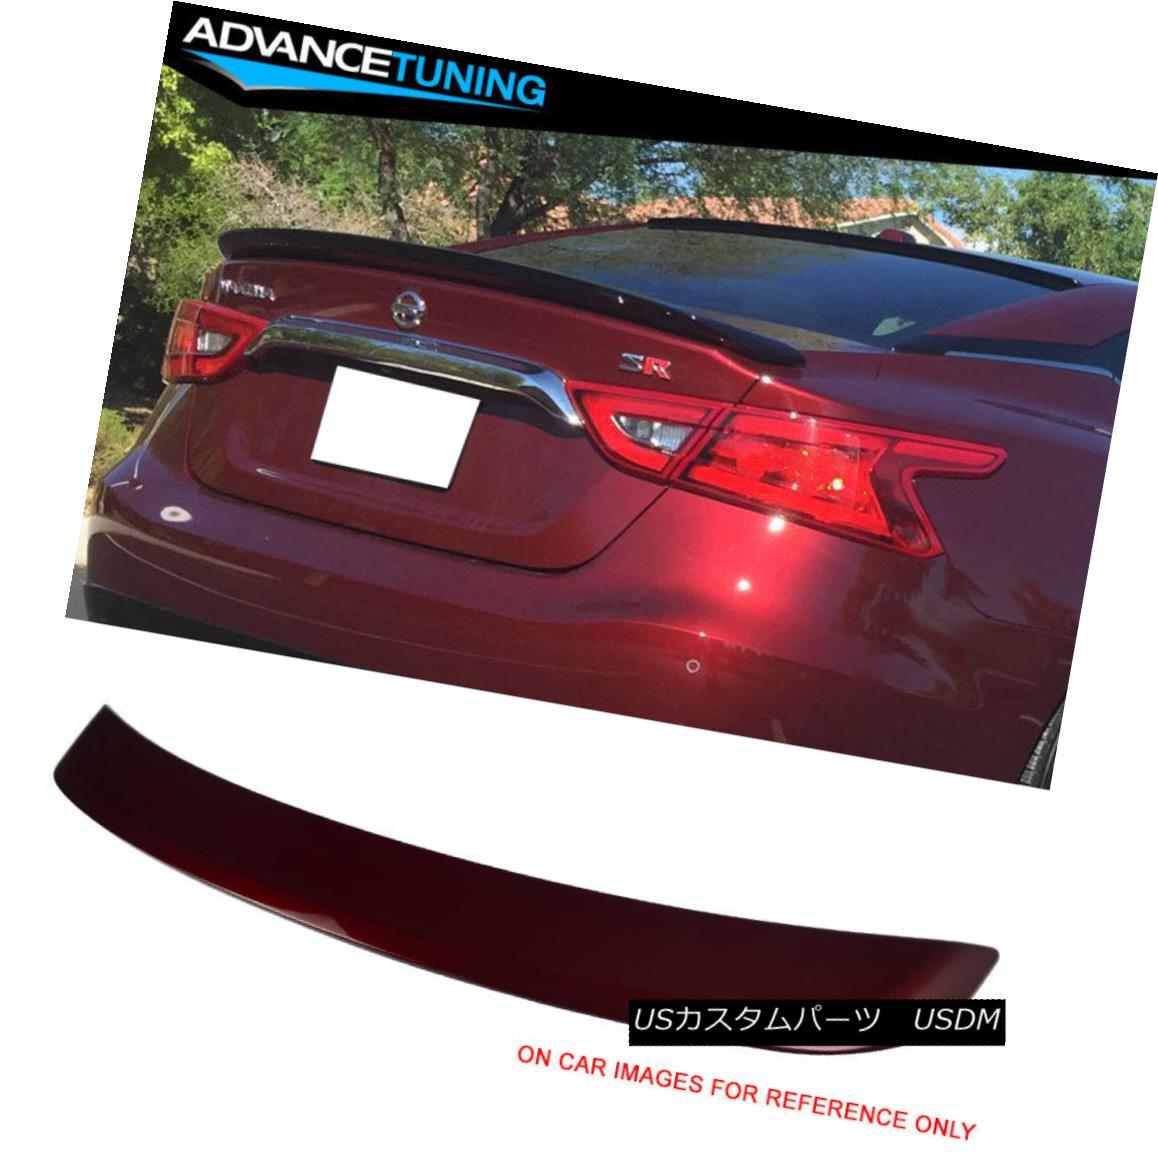 エアロパーツ Fits 16-18 Maxima OE2 Trunk Spoiler OEM Painted Color Coulis Red # NAW フィット16-18マキシマOE2トランク・スポイラーOEM塗装カラーCoulis Red#NAW